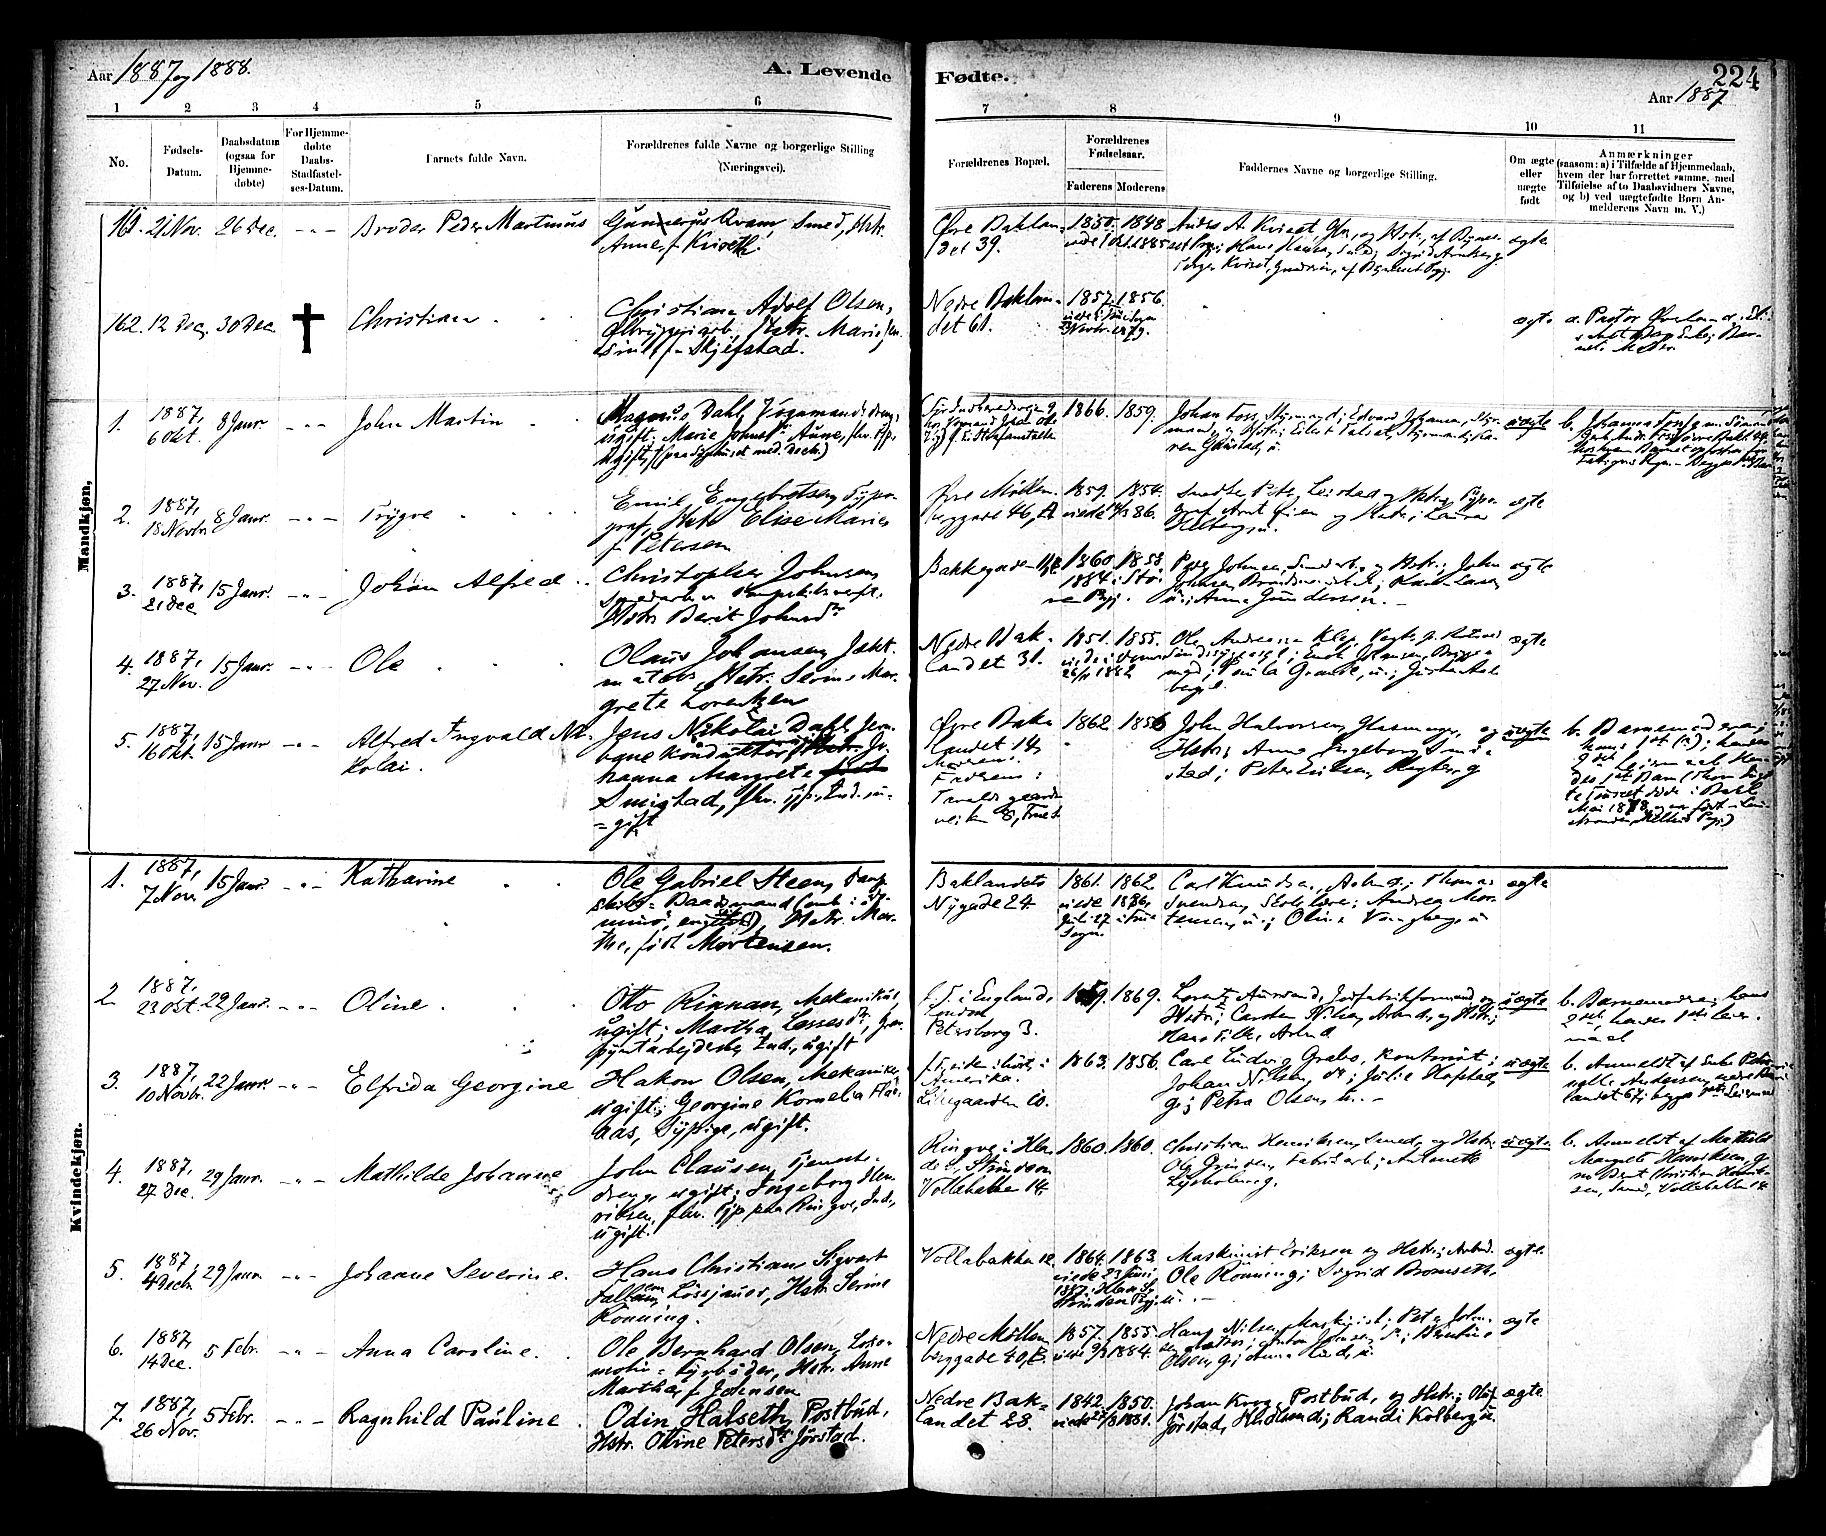 SAT, Ministerialprotokoller, klokkerbøker og fødselsregistre - Sør-Trøndelag, 604/L0188: Ministerialbok nr. 604A09, 1878-1892, s. 224